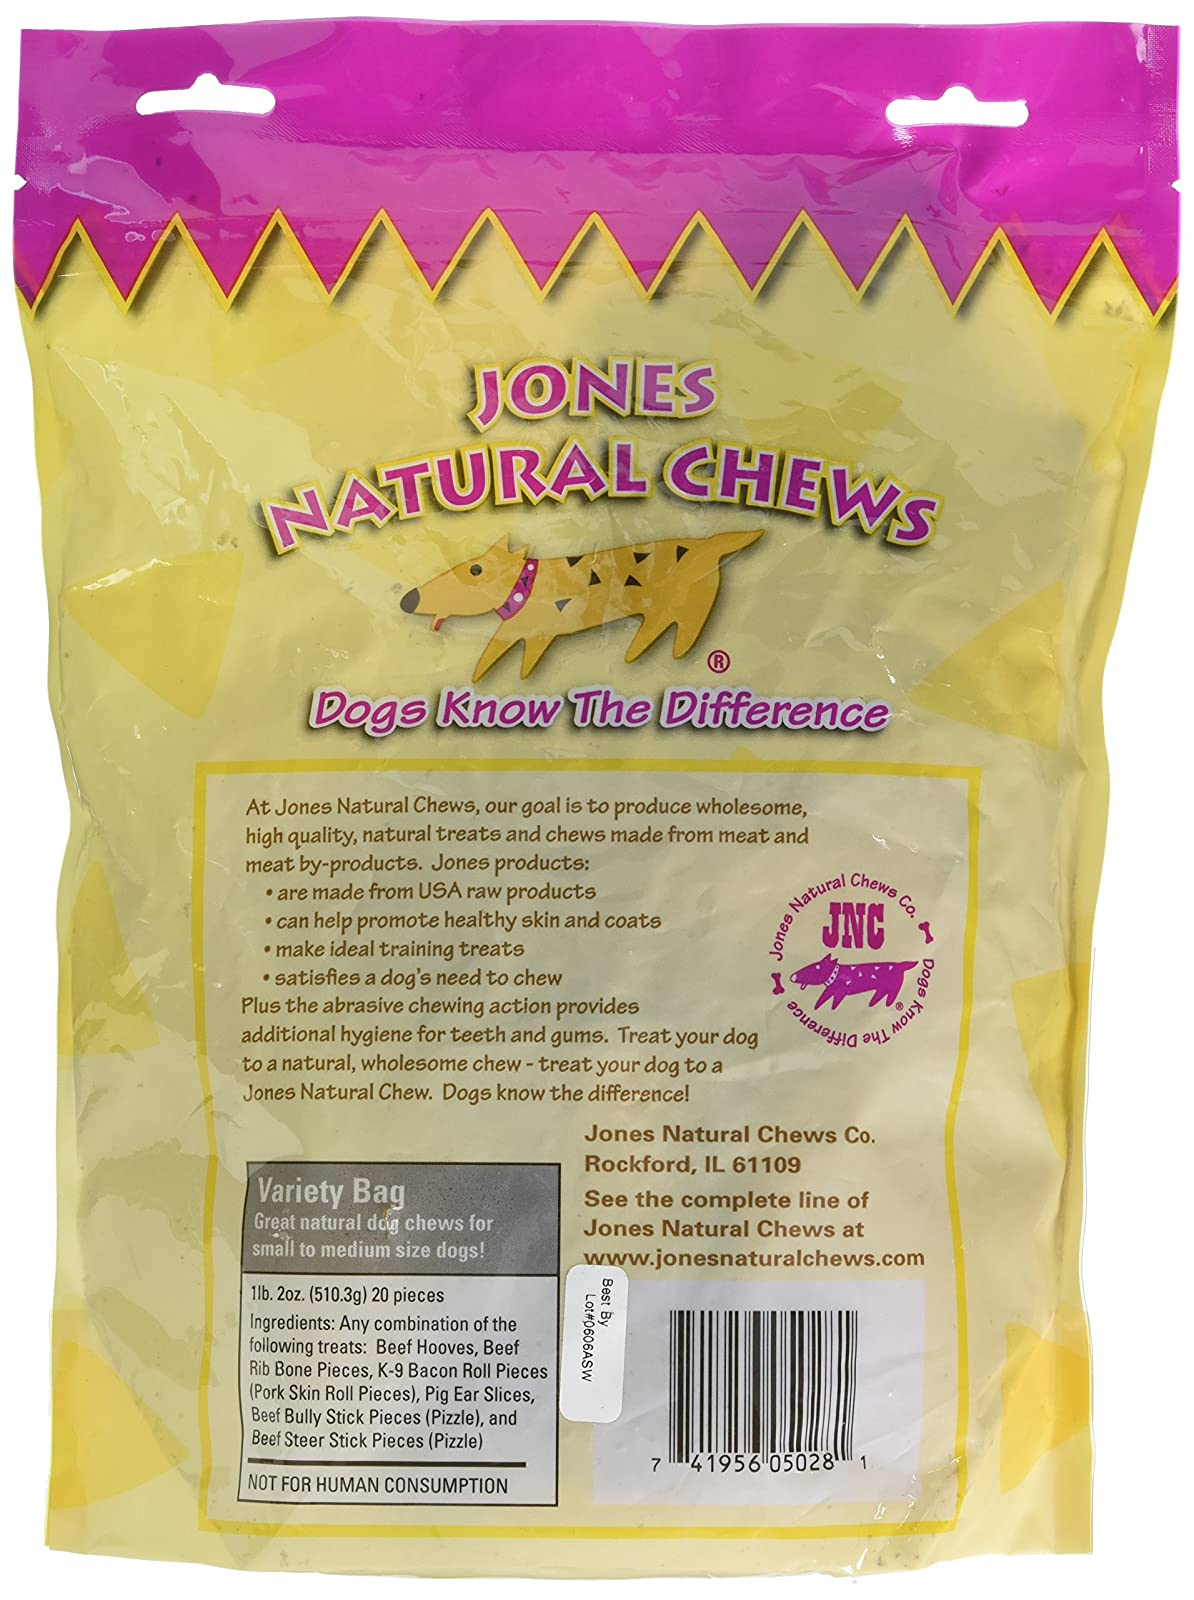 Jones Natural Chews Co. 090-05028 Jones 741956050281 - 1